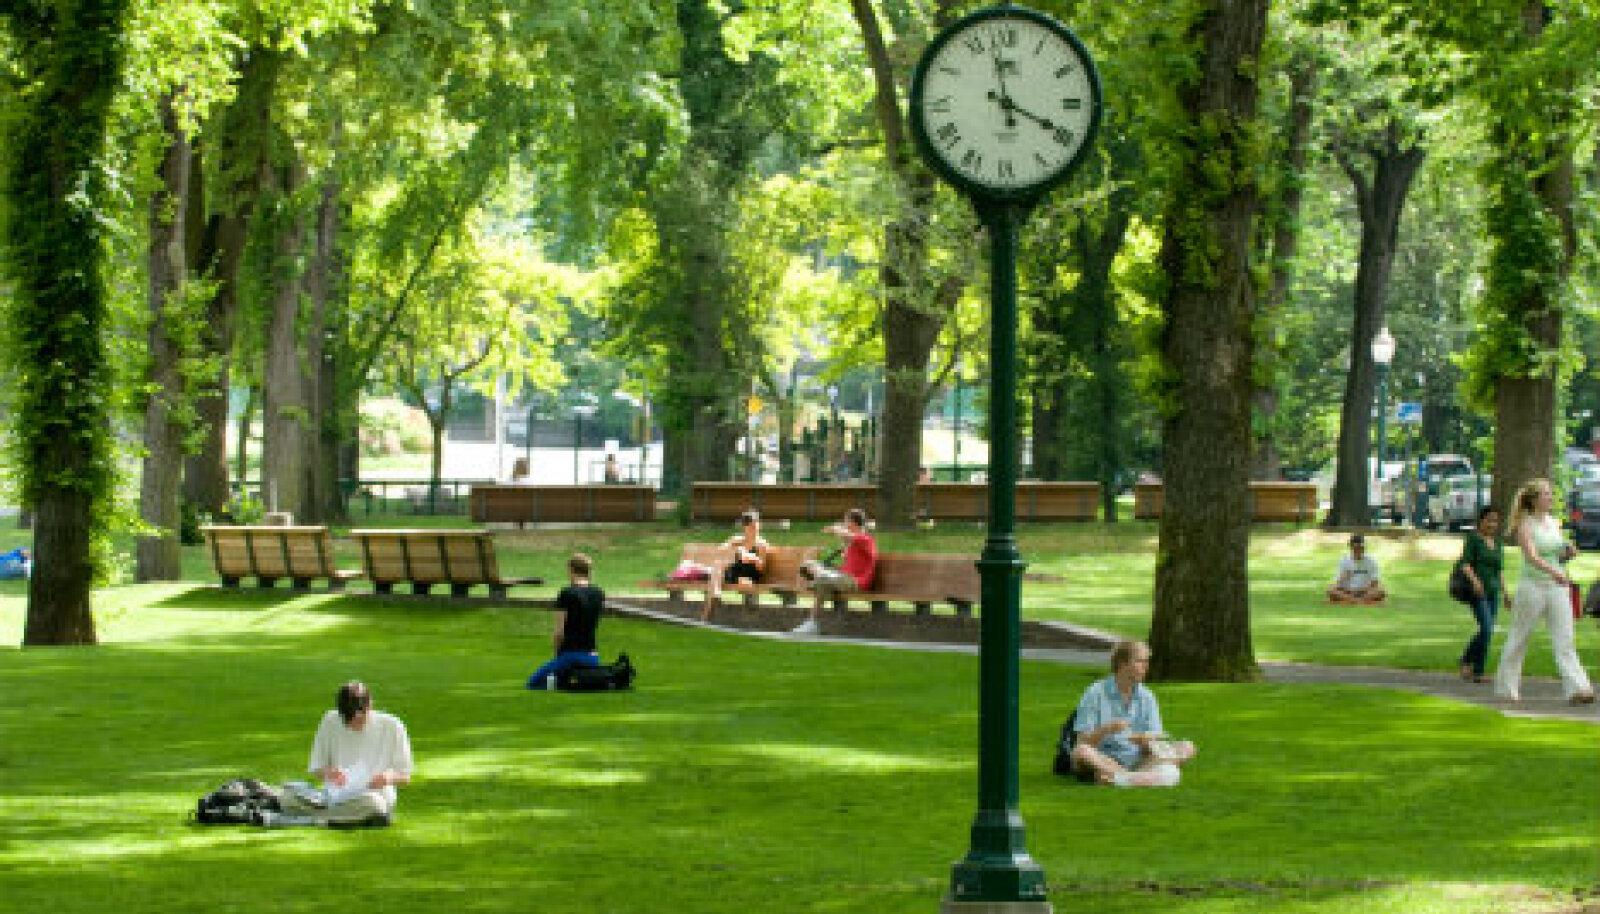 Inimesed, kelle elukoha lähedal on rohkesti parke või aedu, on eluga rohkem rahul